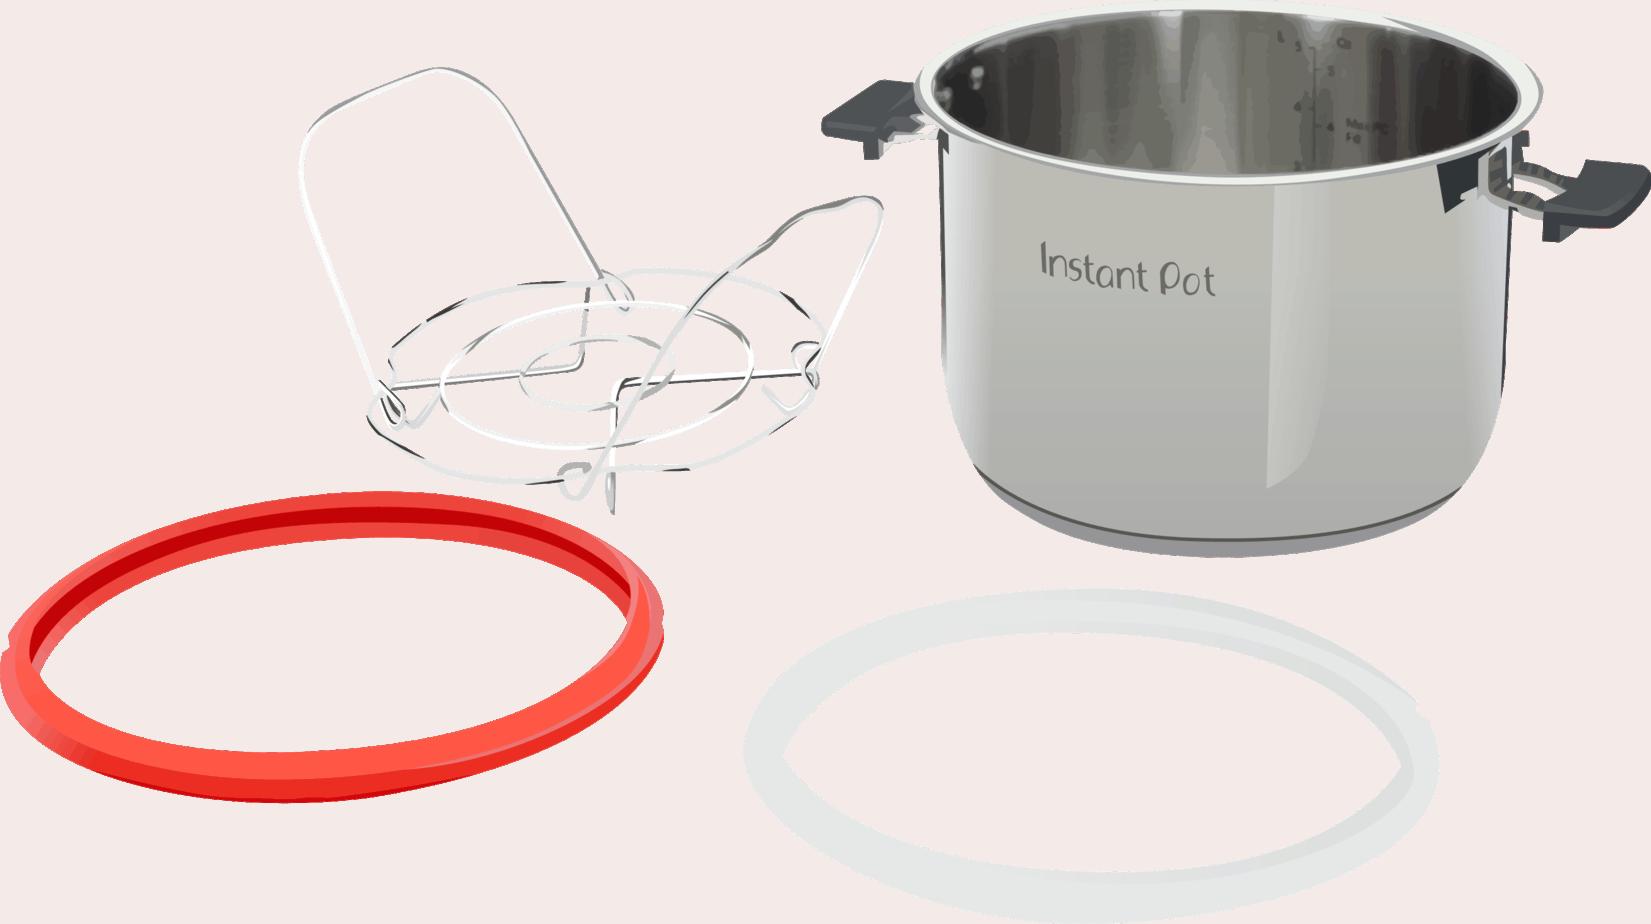 Instant Pot Duo Evo Plus 5